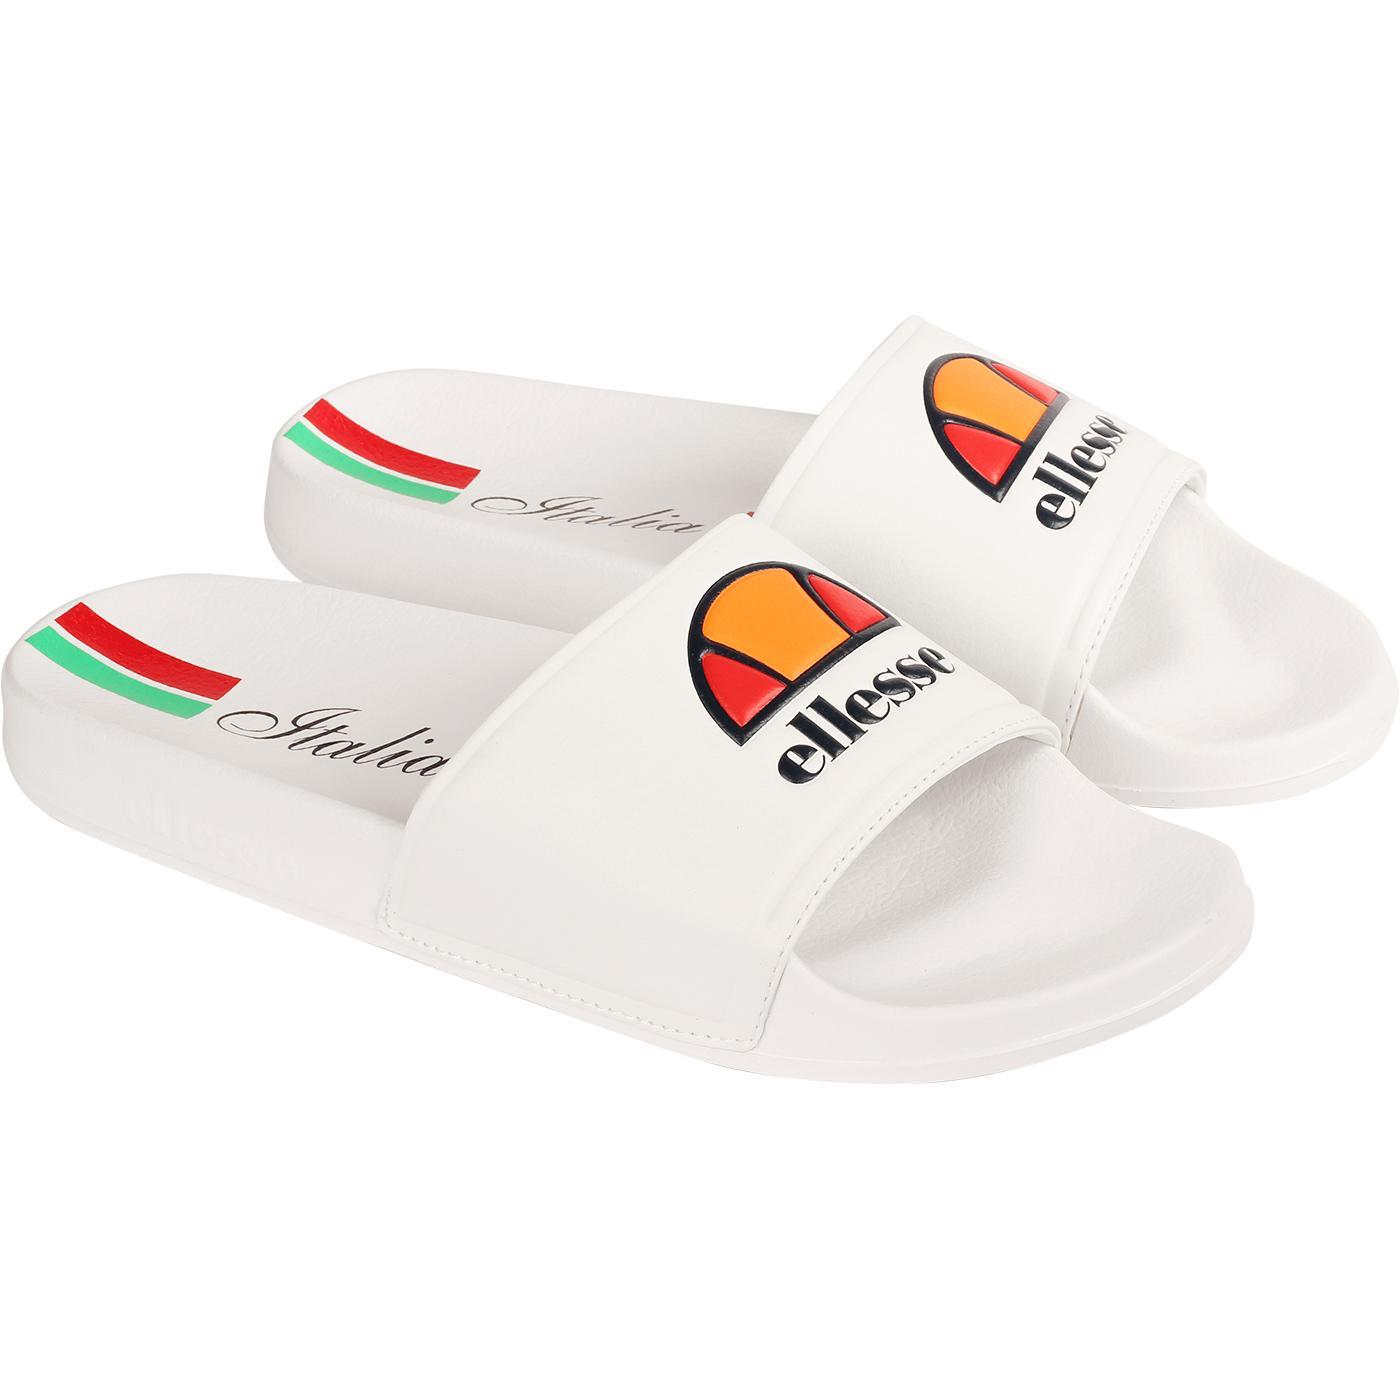 Joga Italia ELLESSE Retro Beach Slide Sandals